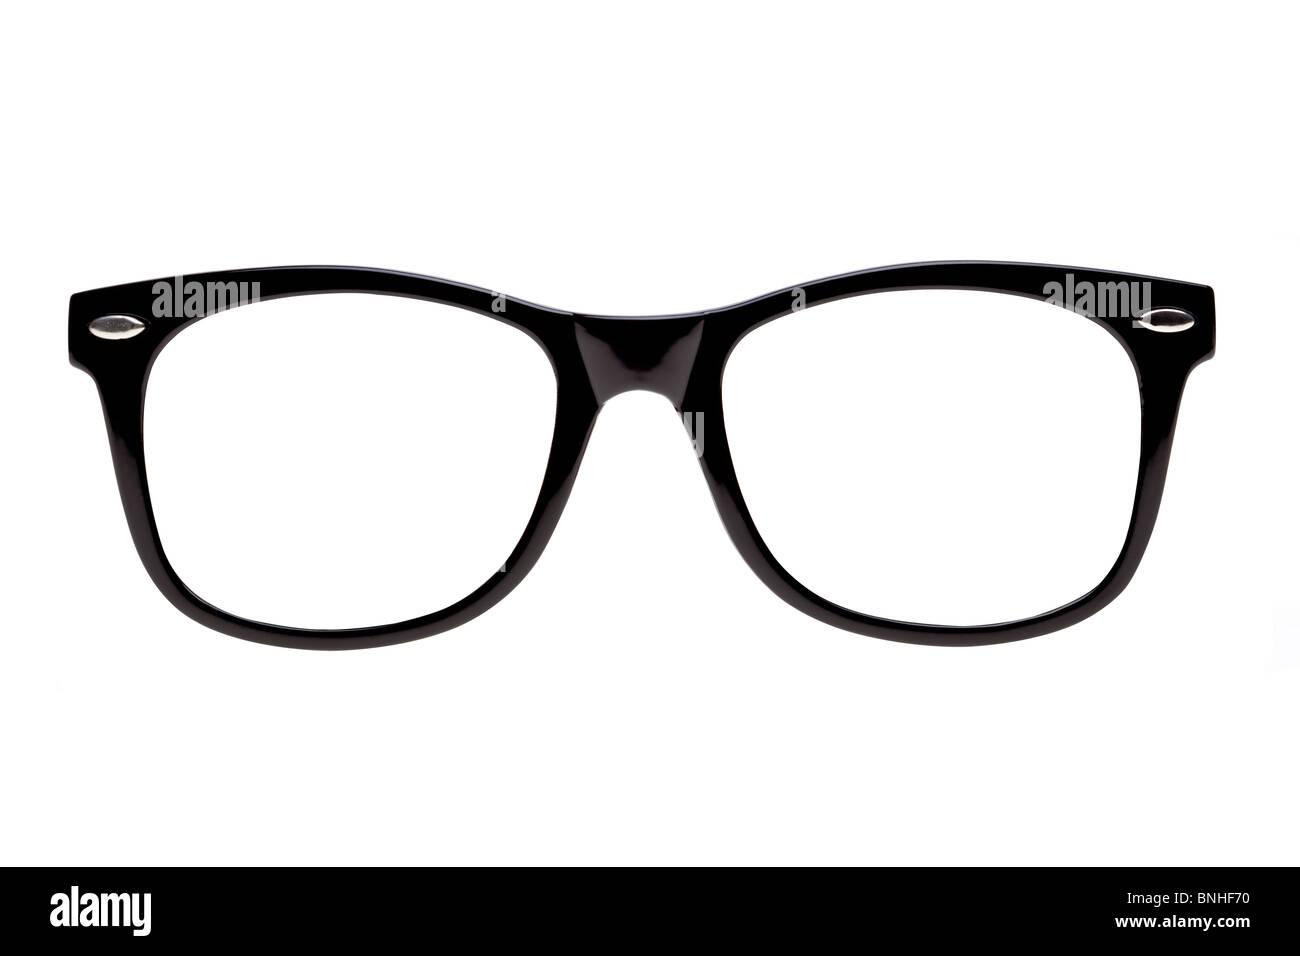 Foto di Black montature per occhiali del tipo di occhiali nerds usura, isolato su bianco con i tracciati di ritaglio Immagini Stock